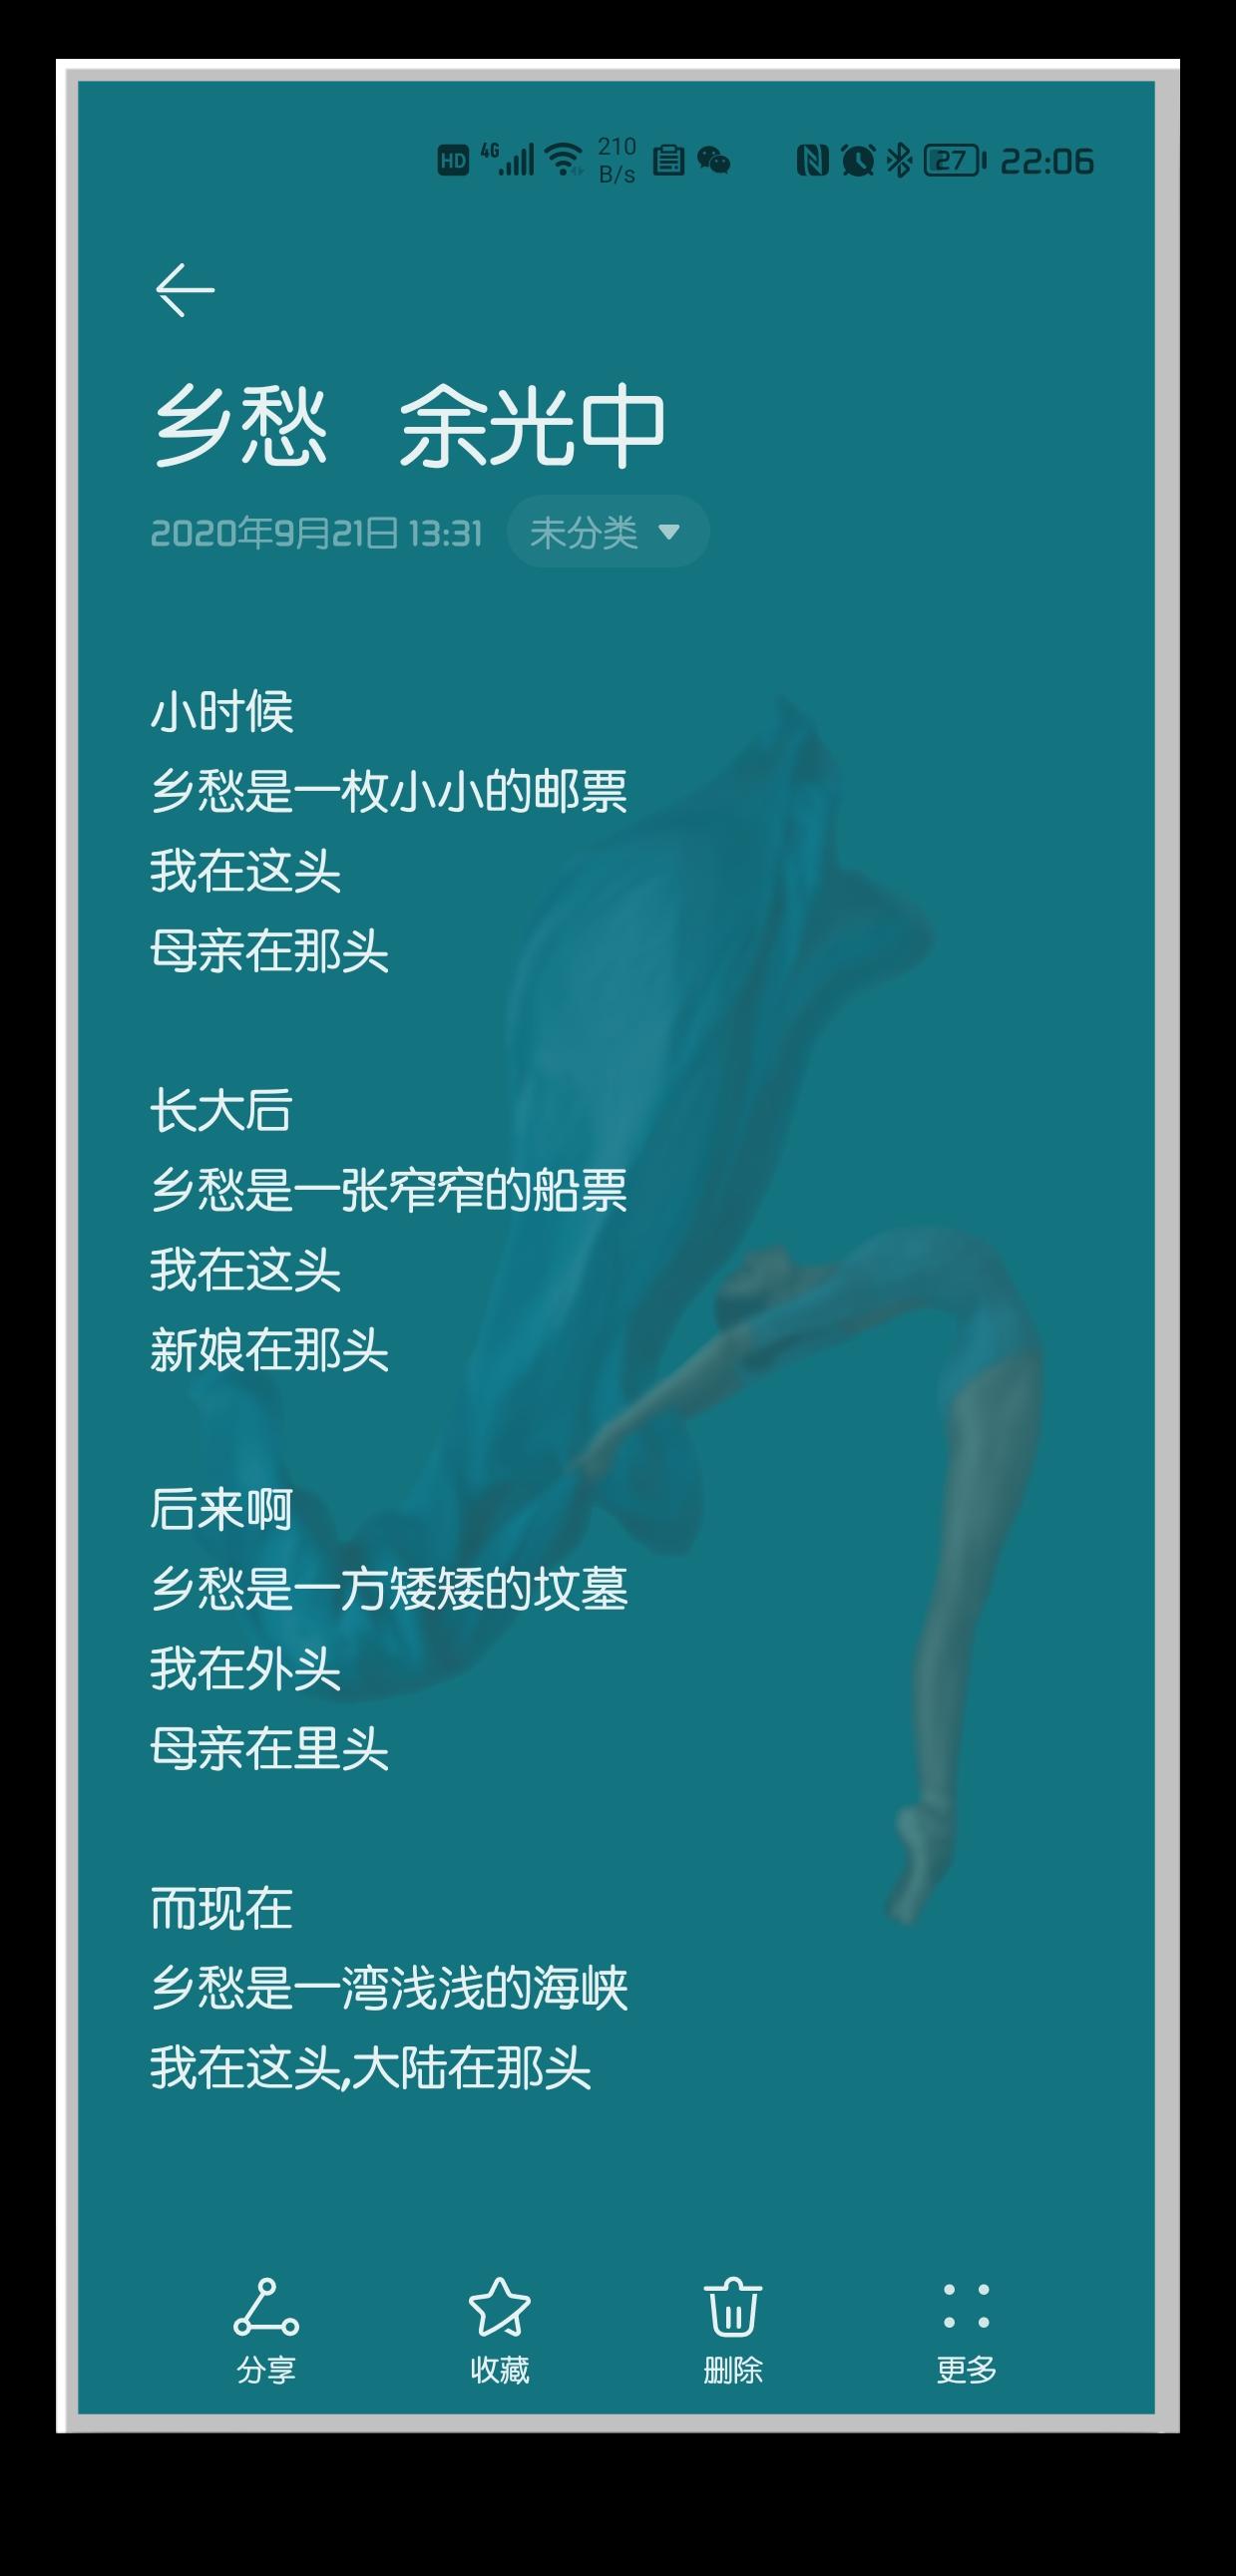 HiShoot_20210715_220912.png